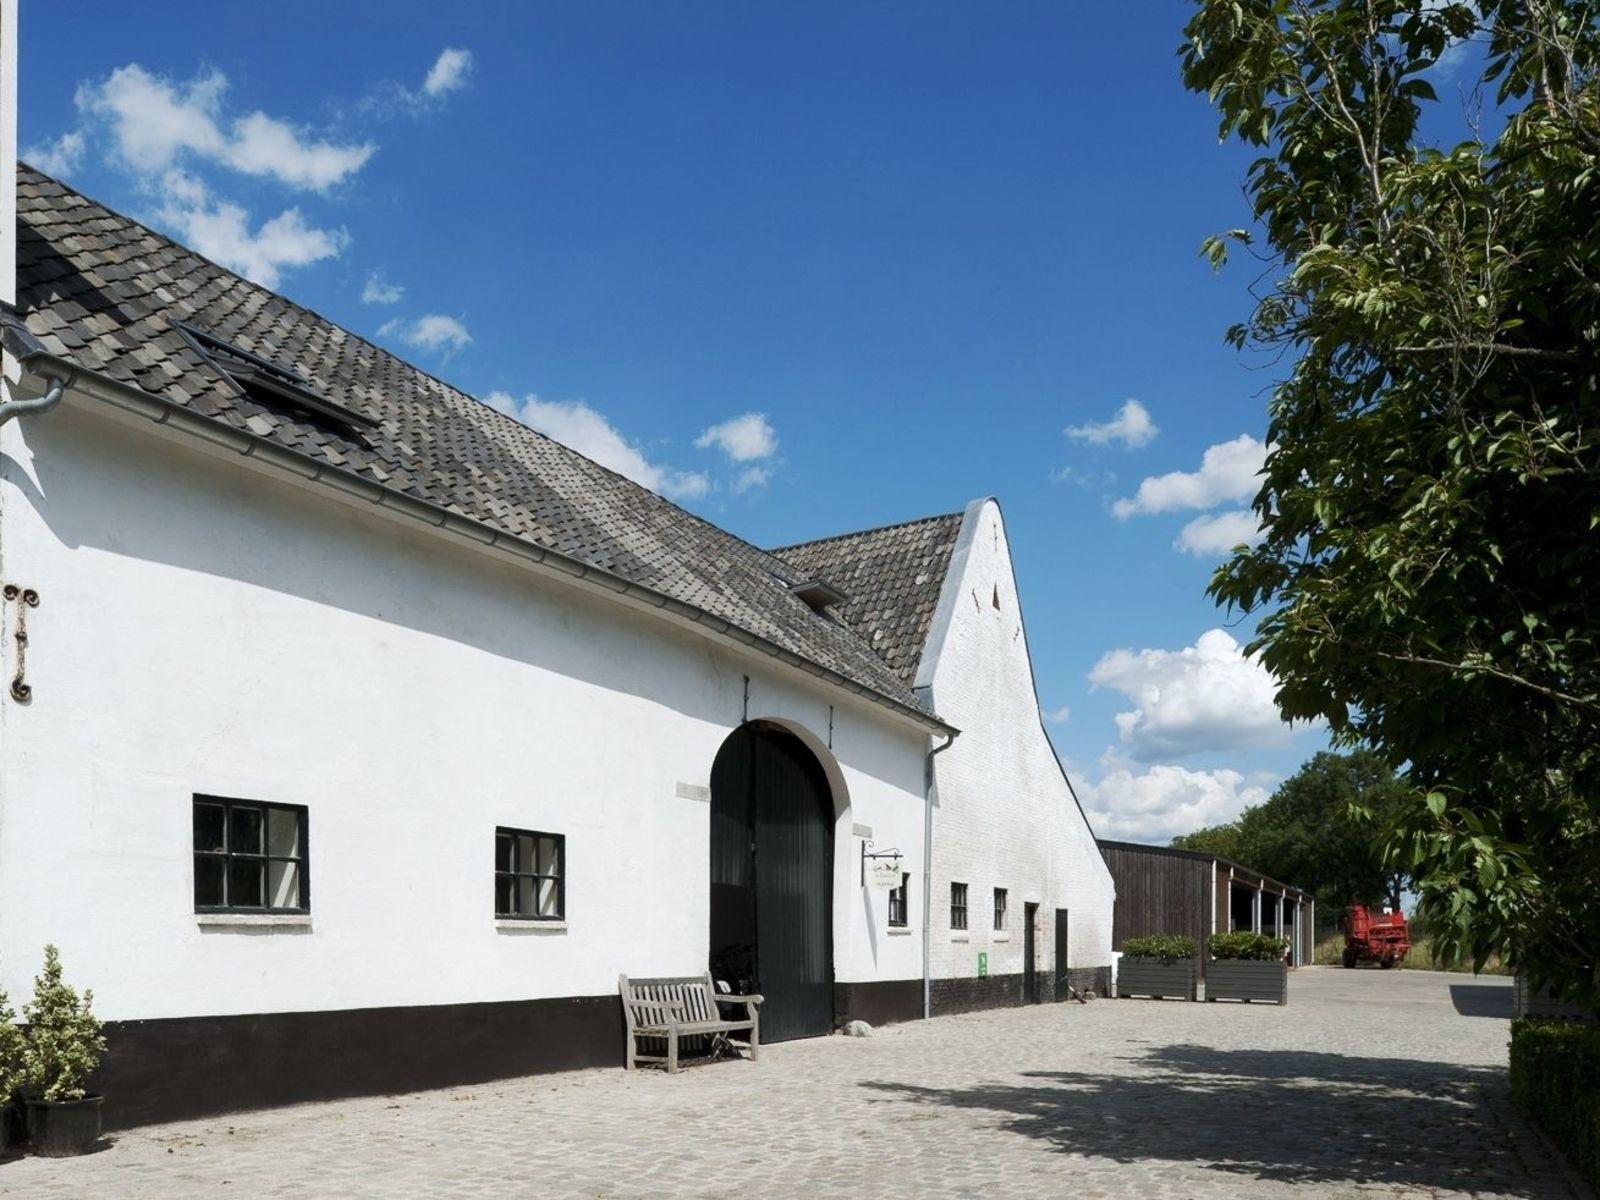 Caberger Hoeve Loftsuite - romantisch weekendje Maastricht voor 2 personen